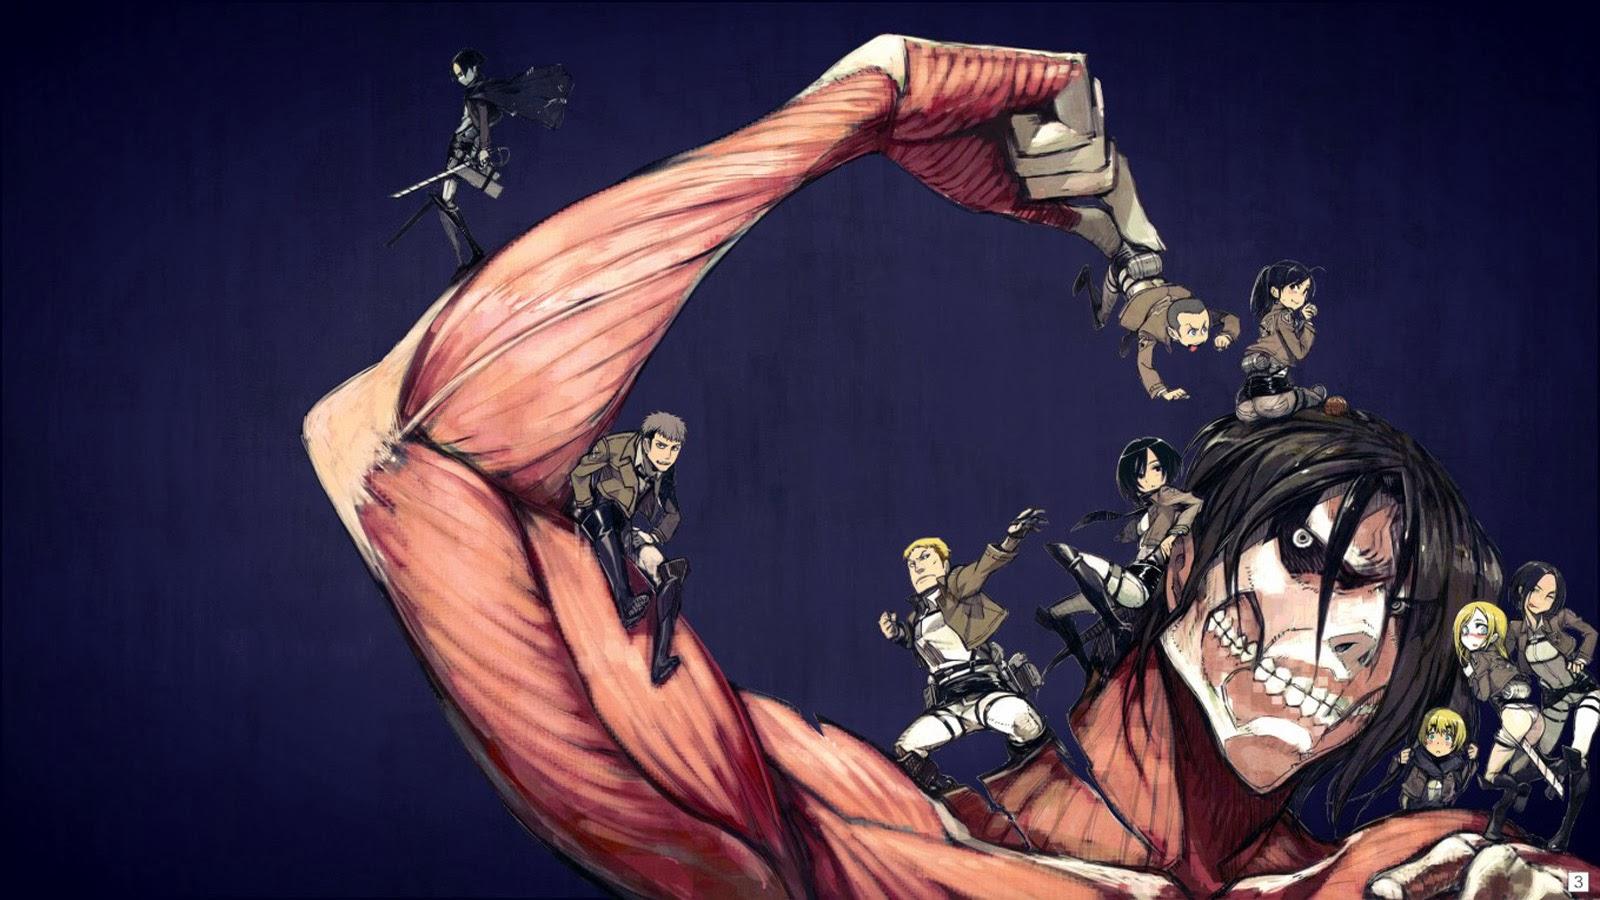 Levi Eren Rogue Titan Attack On Shingeki No Kyojin Anime Hd Wallpaper